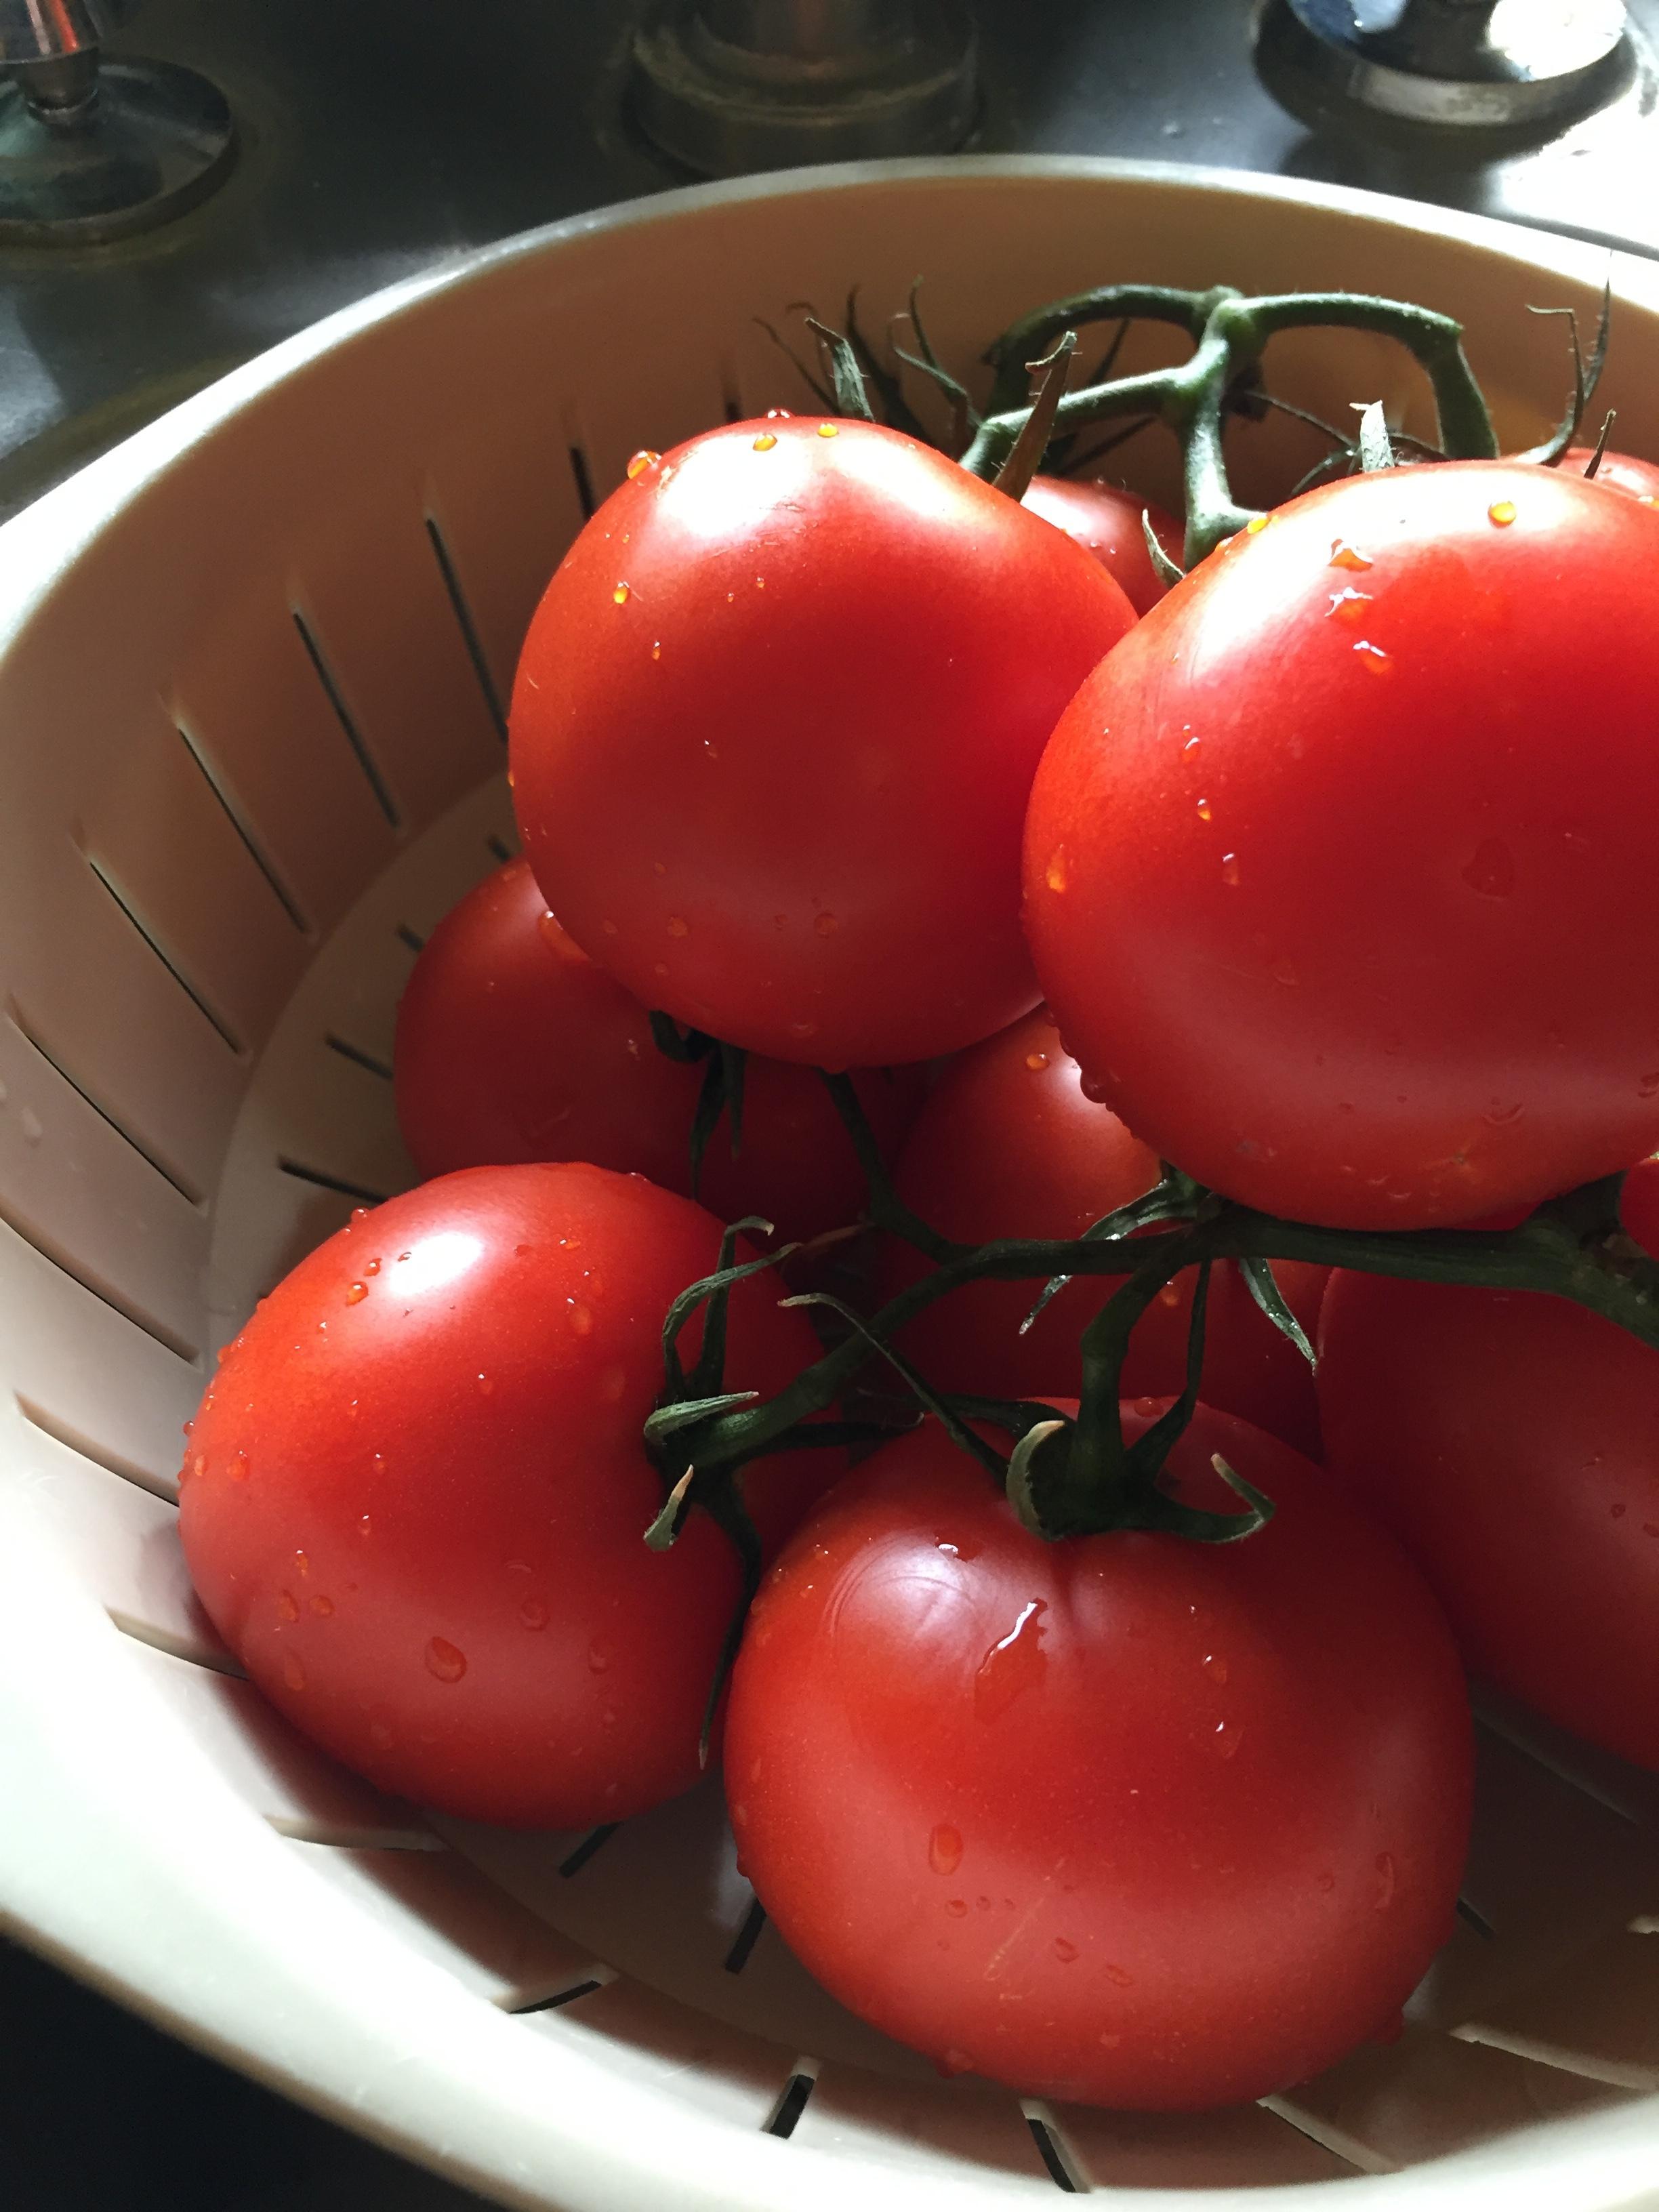 Ahhh, summer garden tomatoes!!